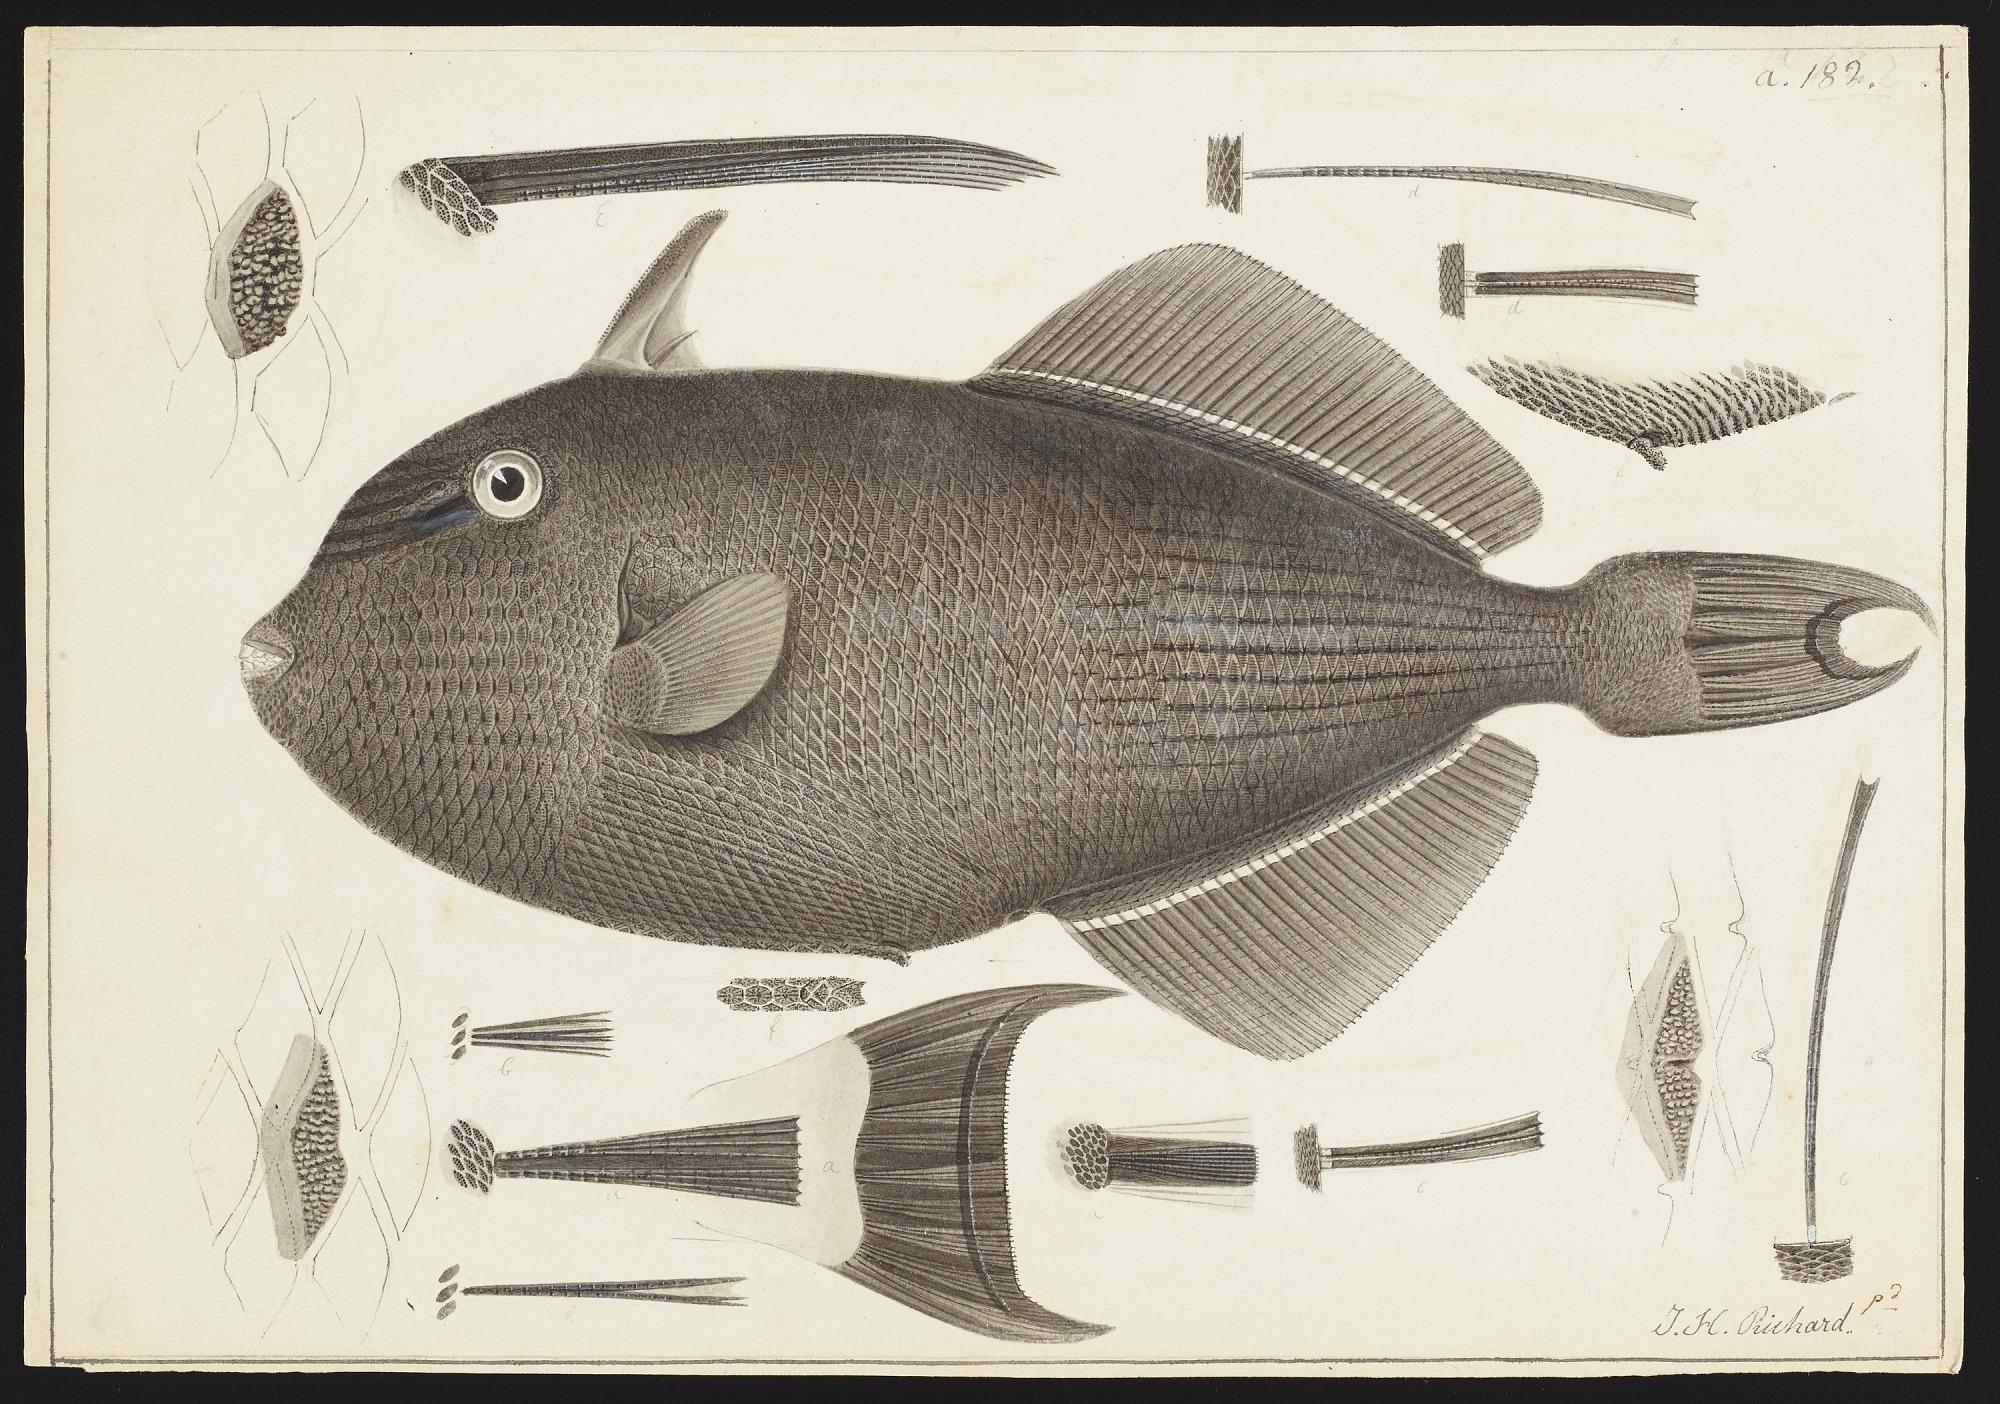 Drawings of Balistoids, 1838-1842, Smithsonian Field Book Project, SIA RU007186.